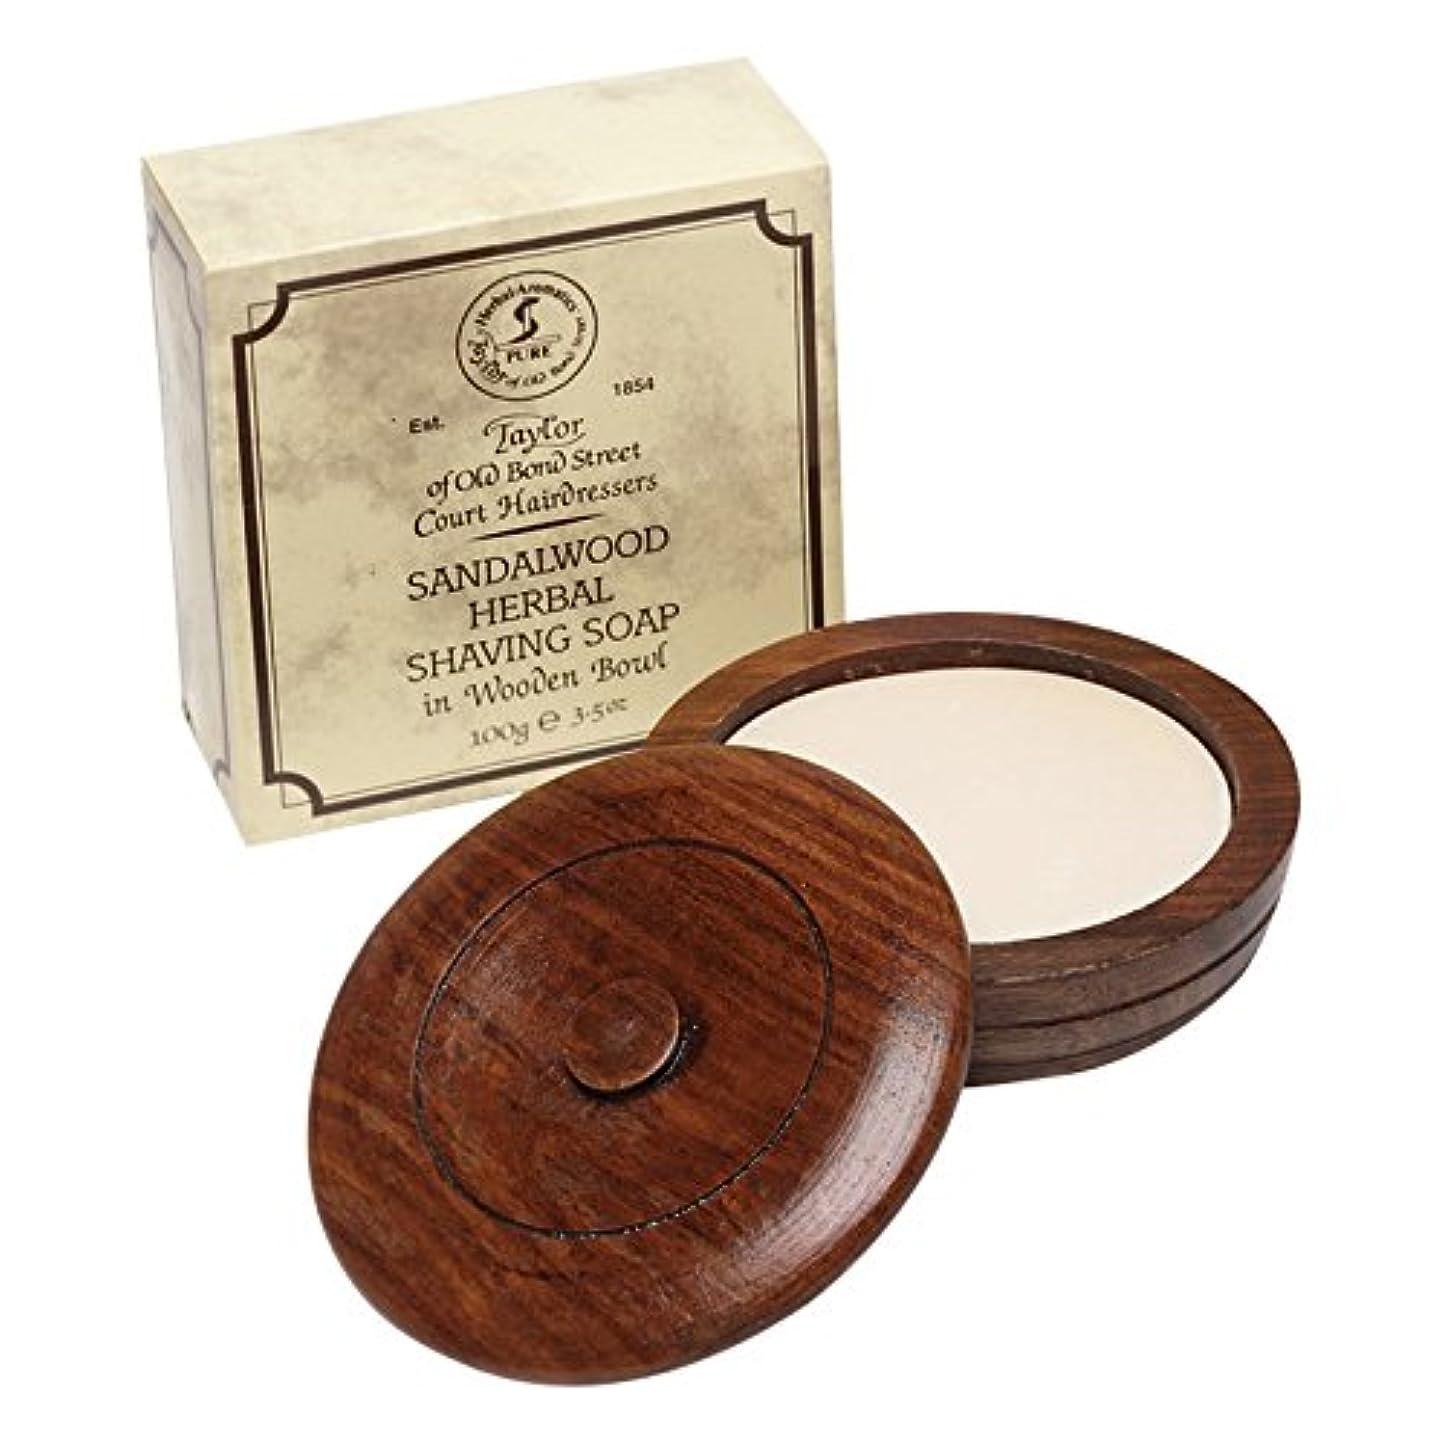 セーブ料理をする小康木製のボウル100グラム古いボンド?ストリート白檀シェービングソープのテイラー (Taylor of Old Bond Street) (x6) - Taylor of Old Bond Street Sandalwood Shaving Soap with Wooden Bowl 100g (Pack of 6) [並行輸入品]